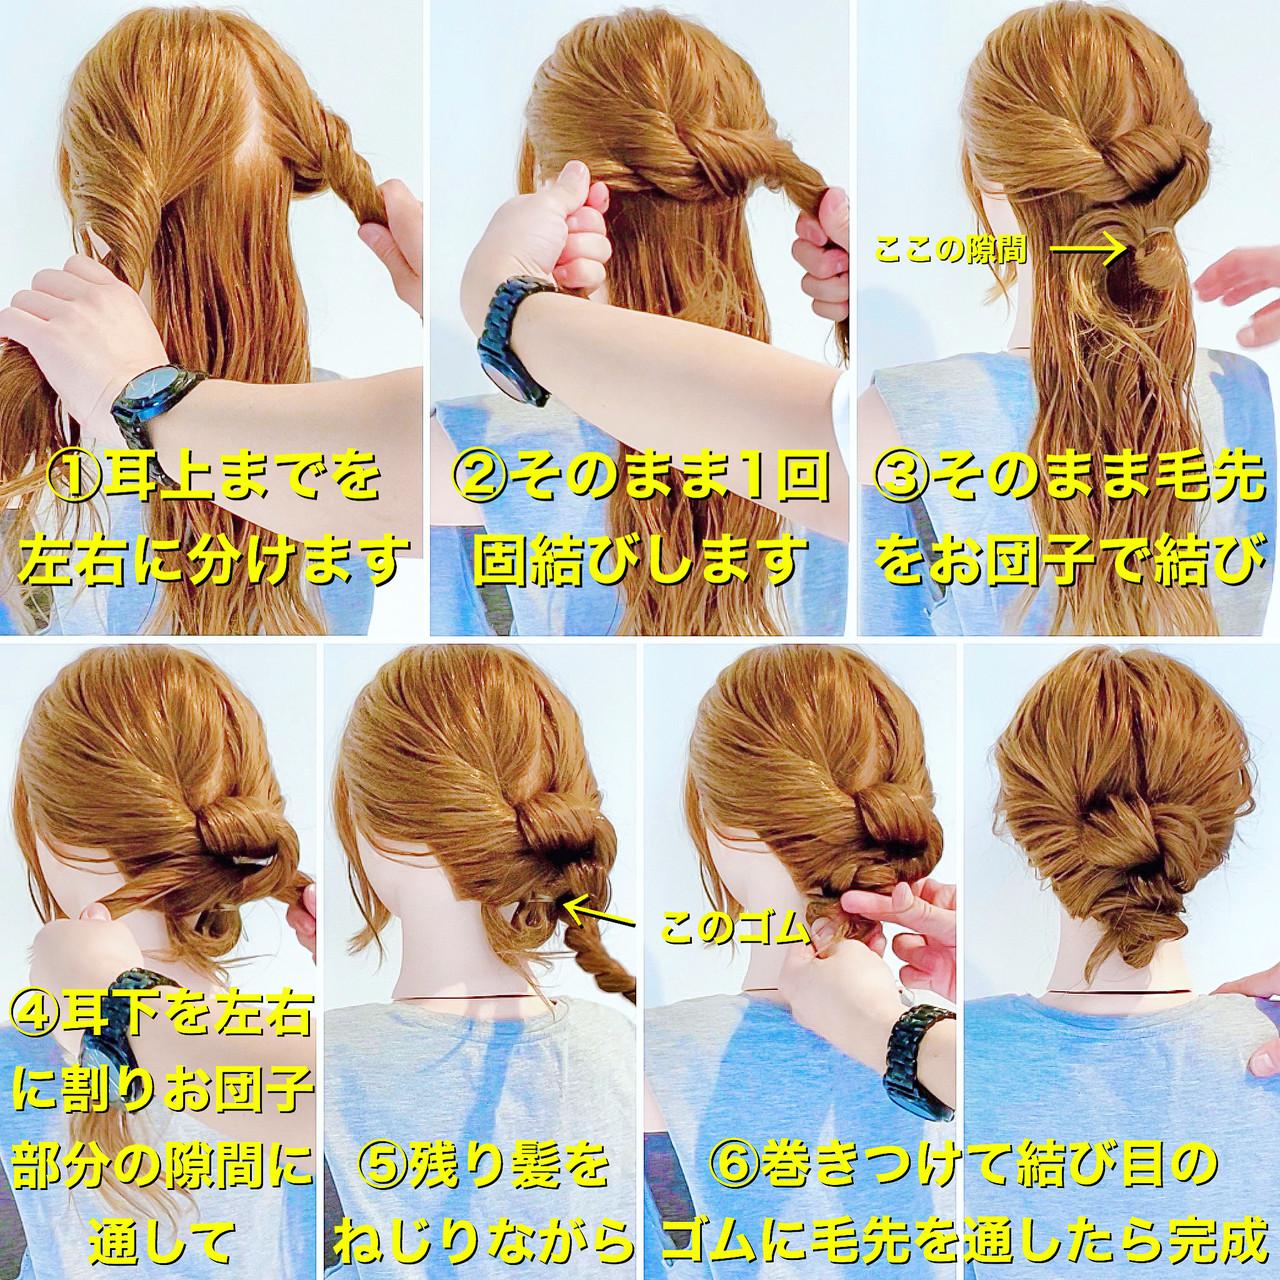 エレガント 簡単ヘアアレンジ アップスタイル ヘアアレンジ ヘアスタイルや髪型の写真・画像